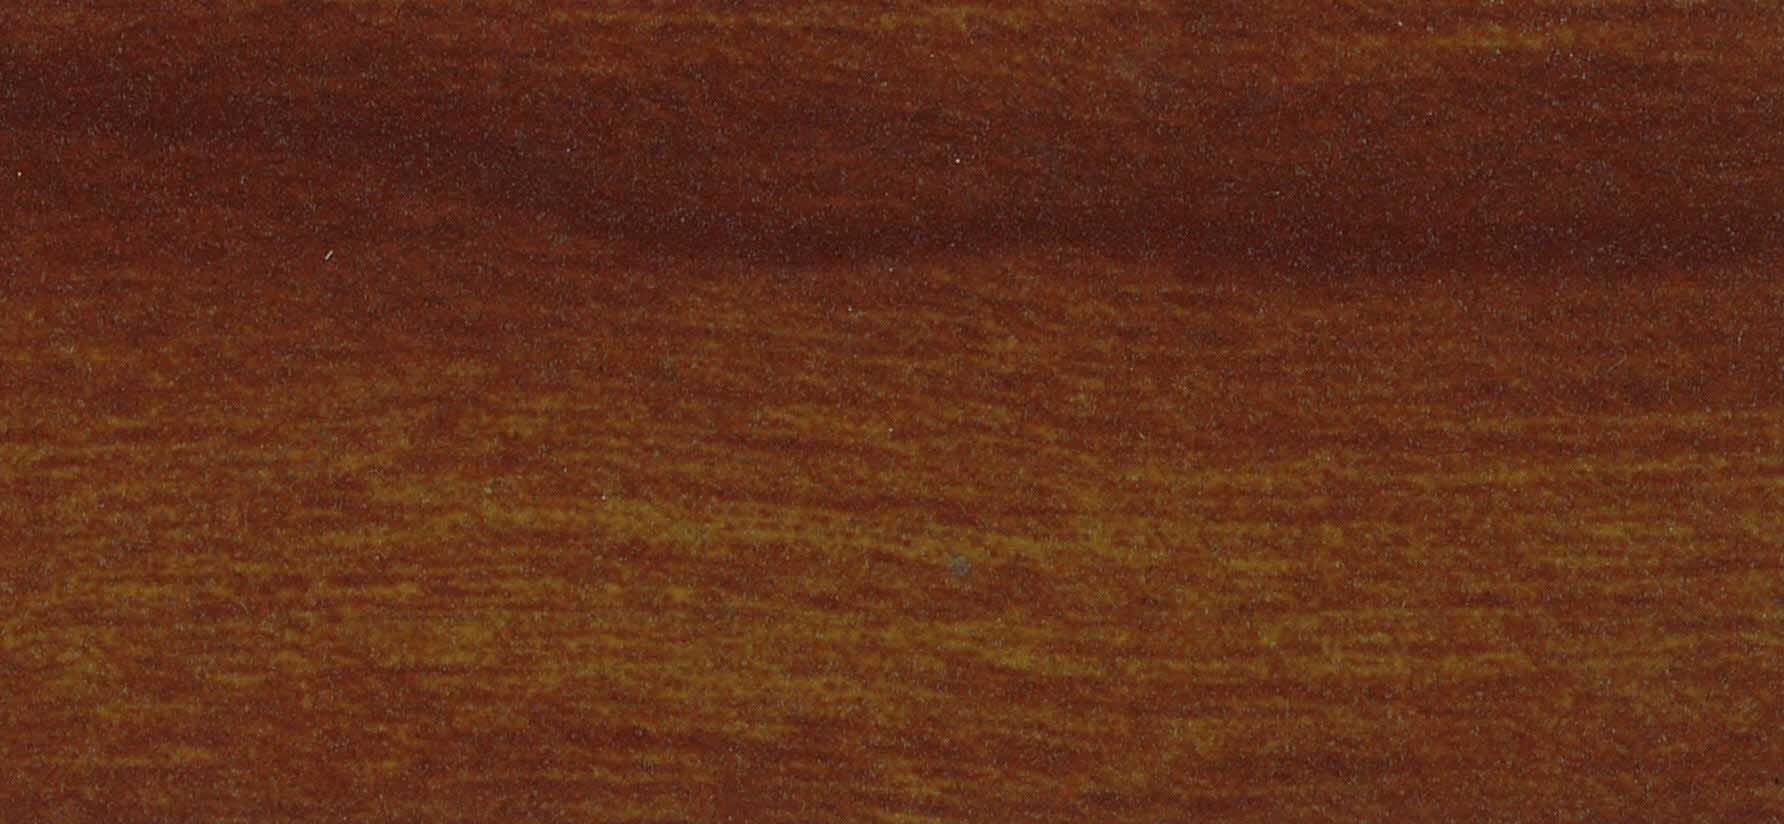 maderas sublimaciónS_011 - TEKA TEXTURADO